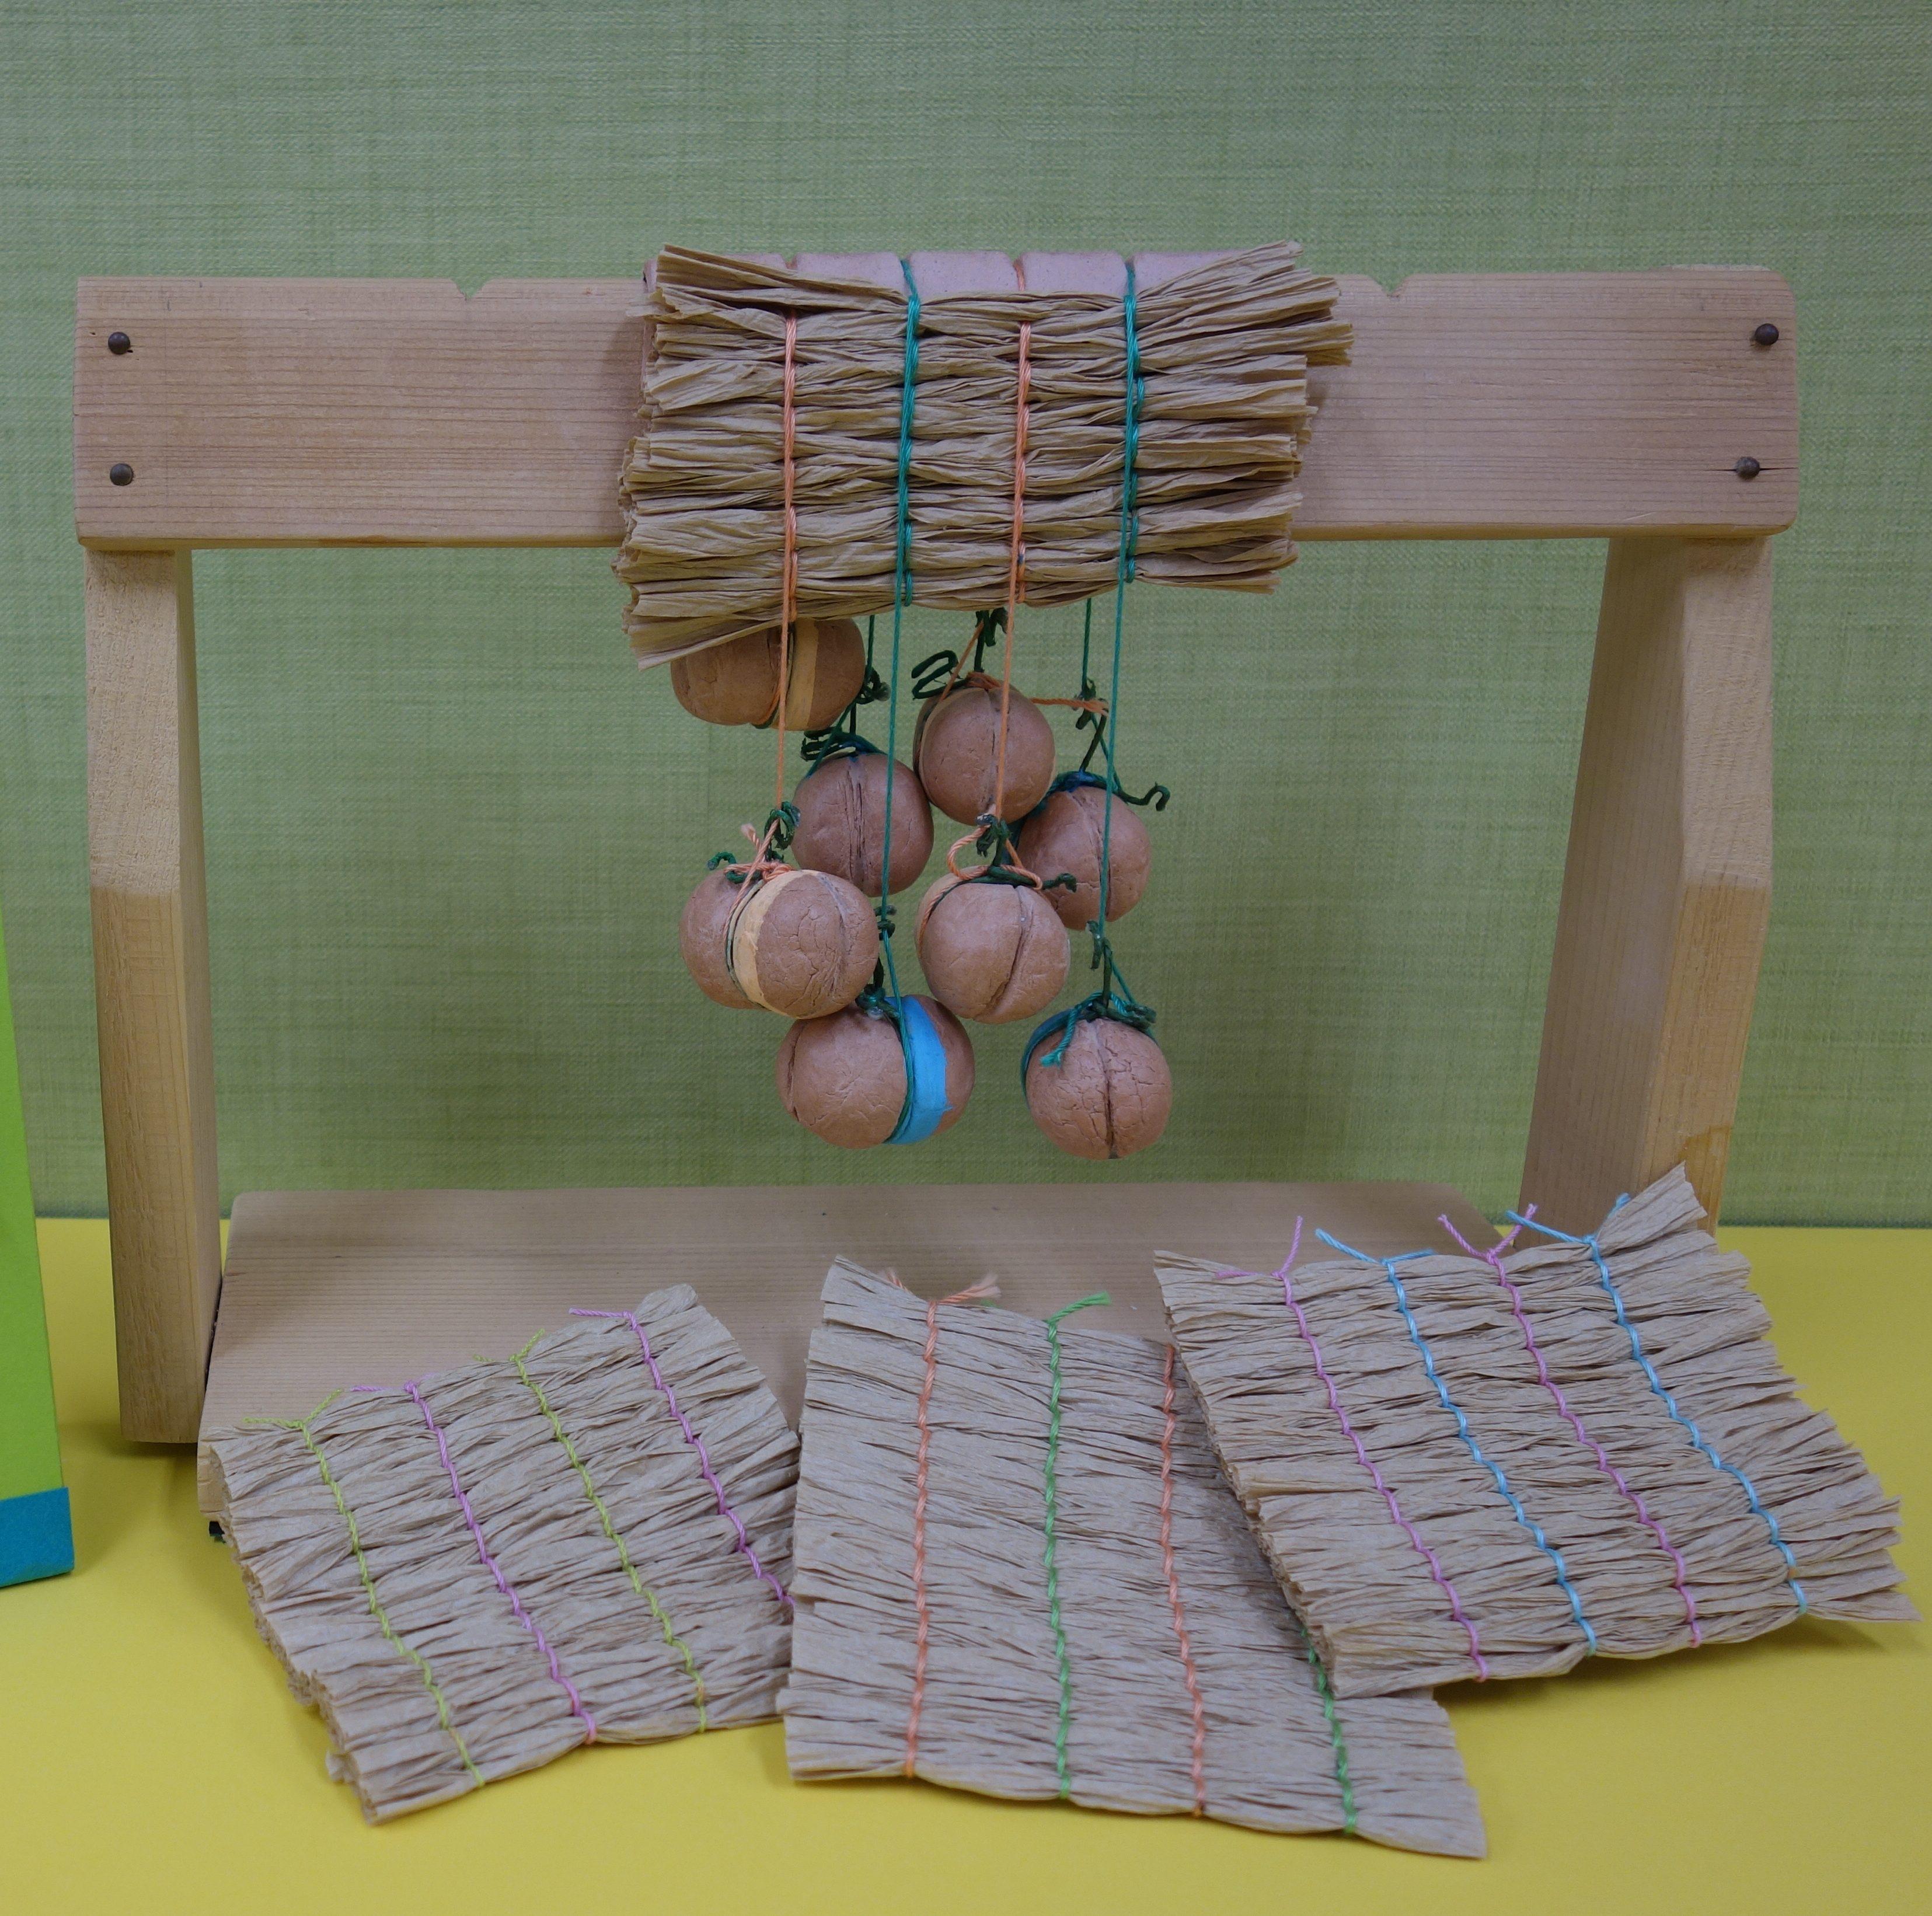 はっけんイベント<br>アイヌ民族のゴザ編み機でコースターを作ろう!